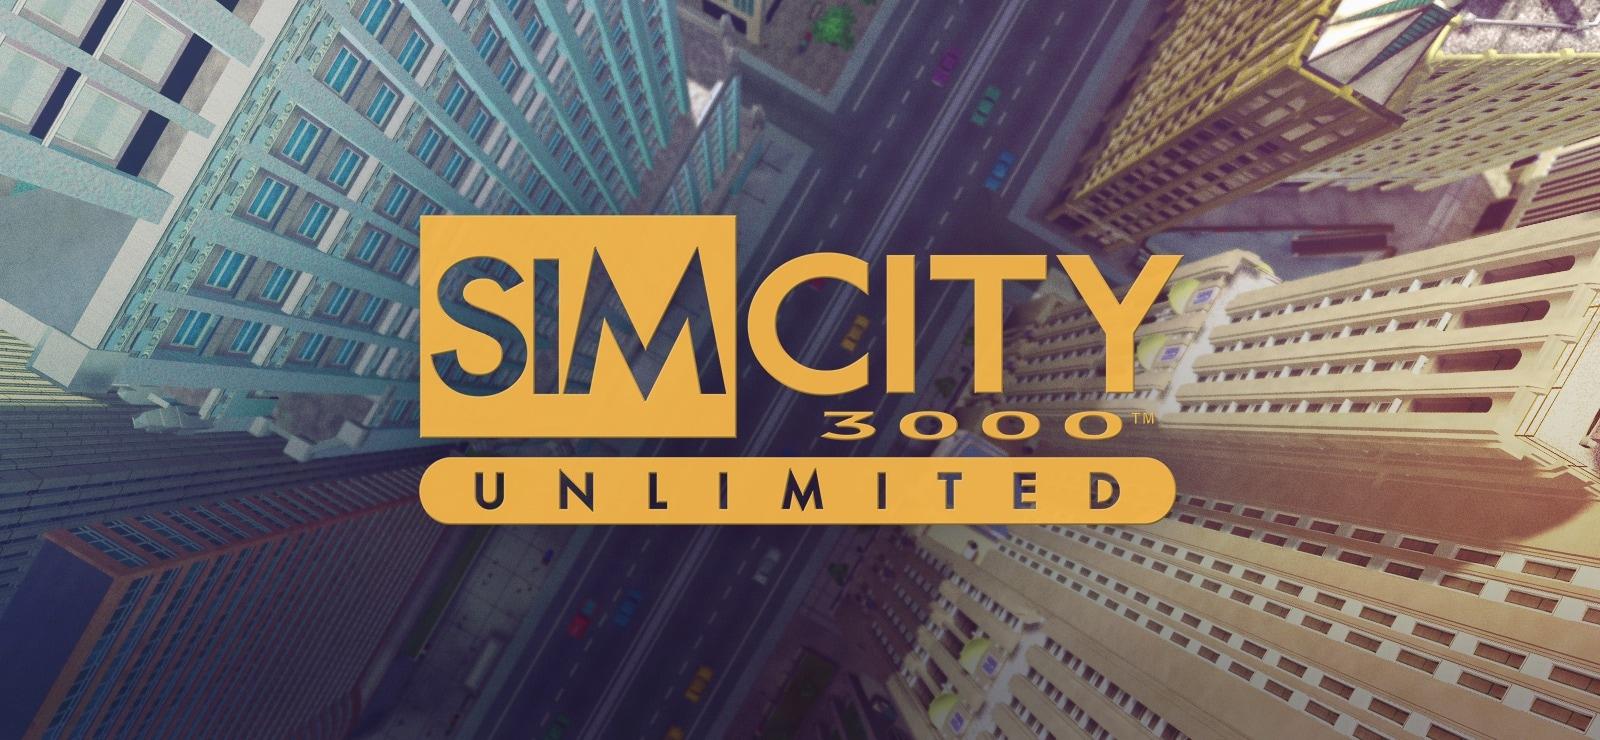 SimCity 3000 Unlimited GOG.COM Key GLOBAL - 1